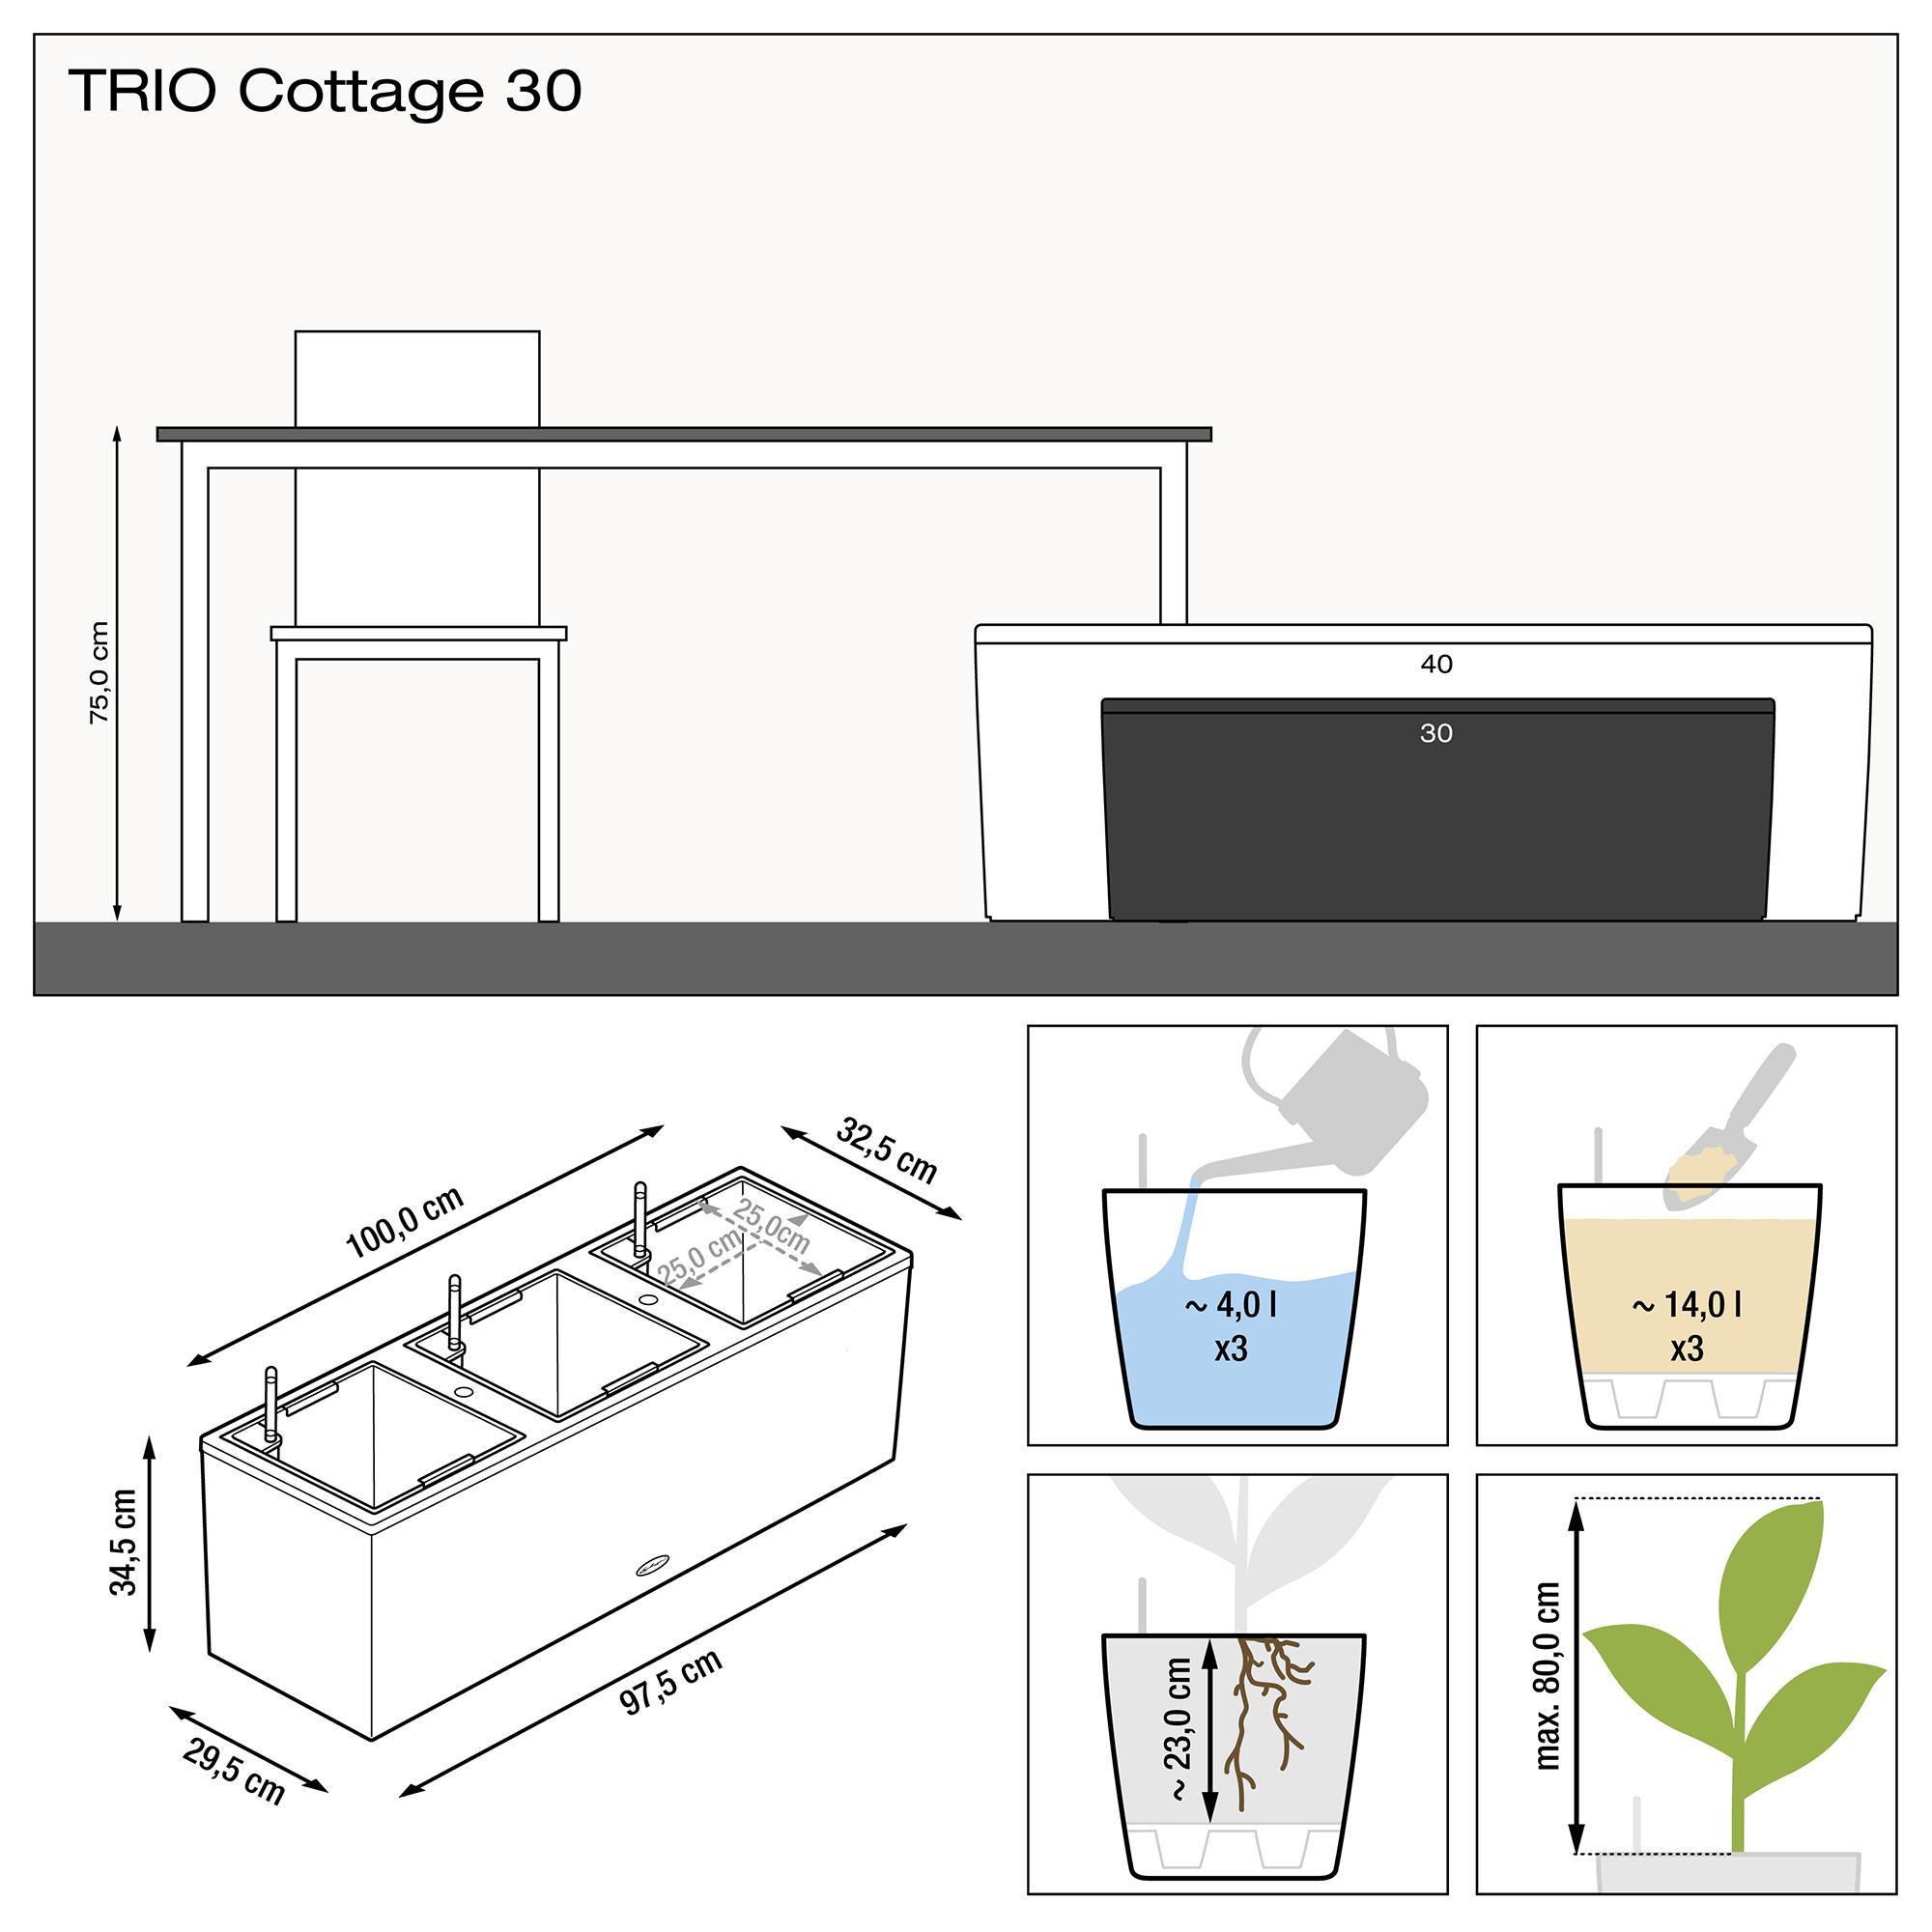 TRIO Cottage 30 granit - Bild 3